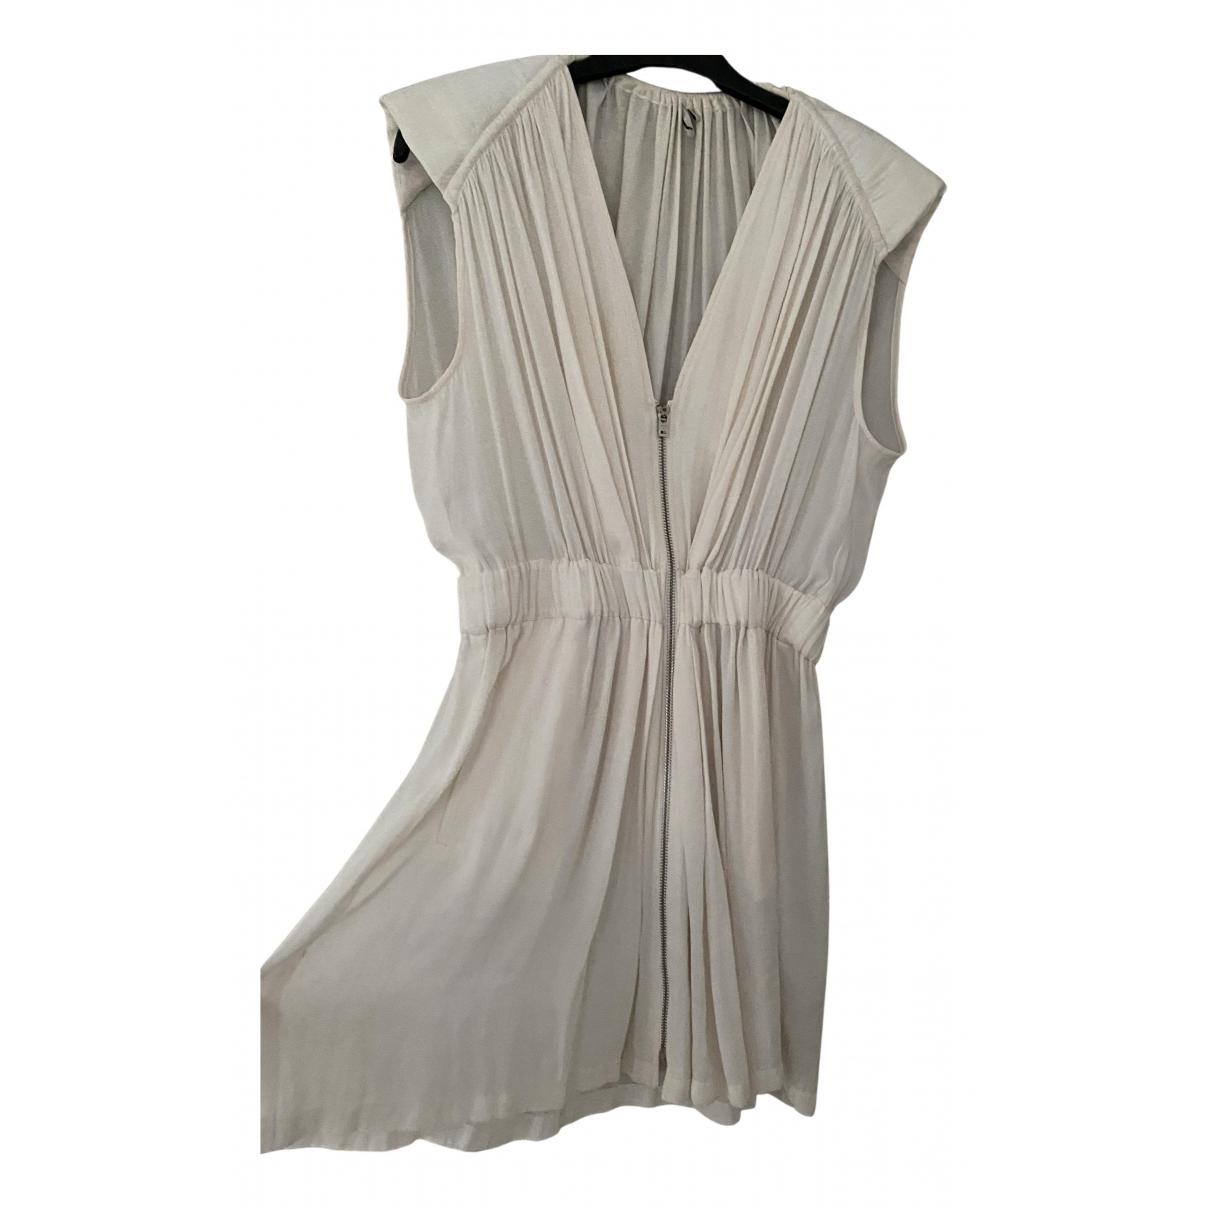 Iro \N Kleid in  Ecru Polyester